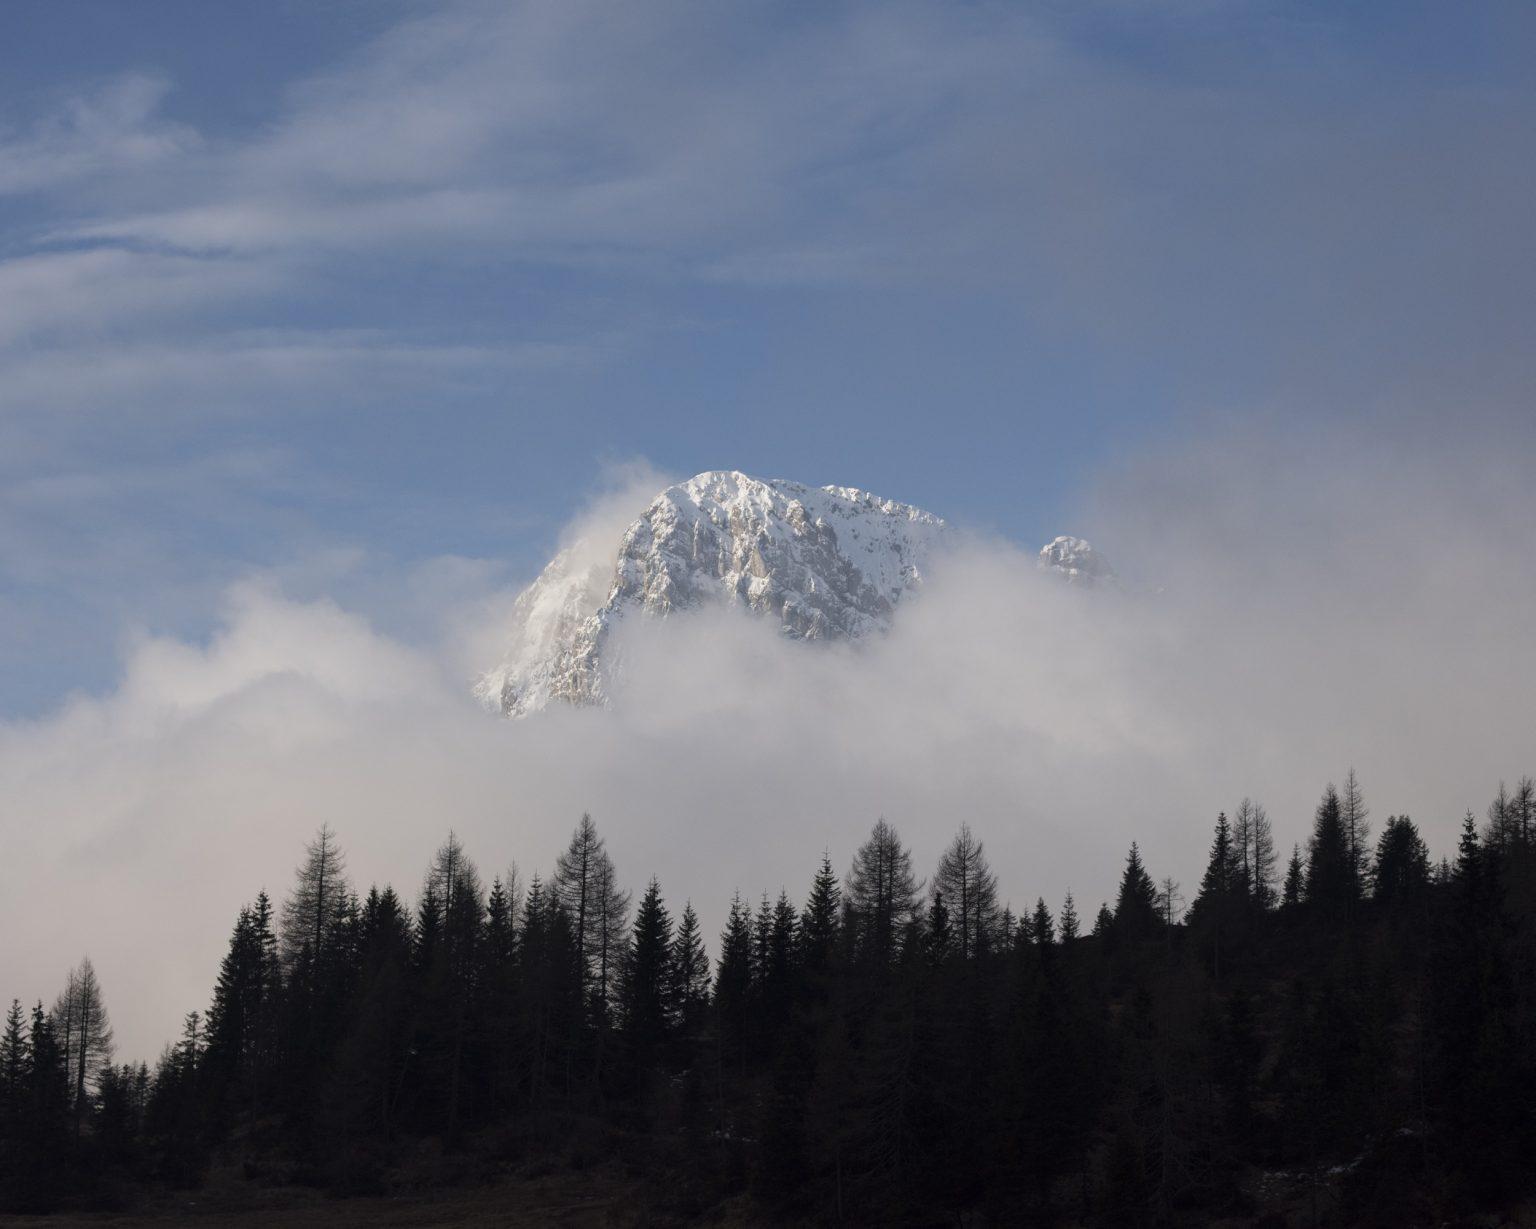 La leggenda del Piave. Sappada (BL). Nei pressi del monta Peralba, sorgente del Piave.